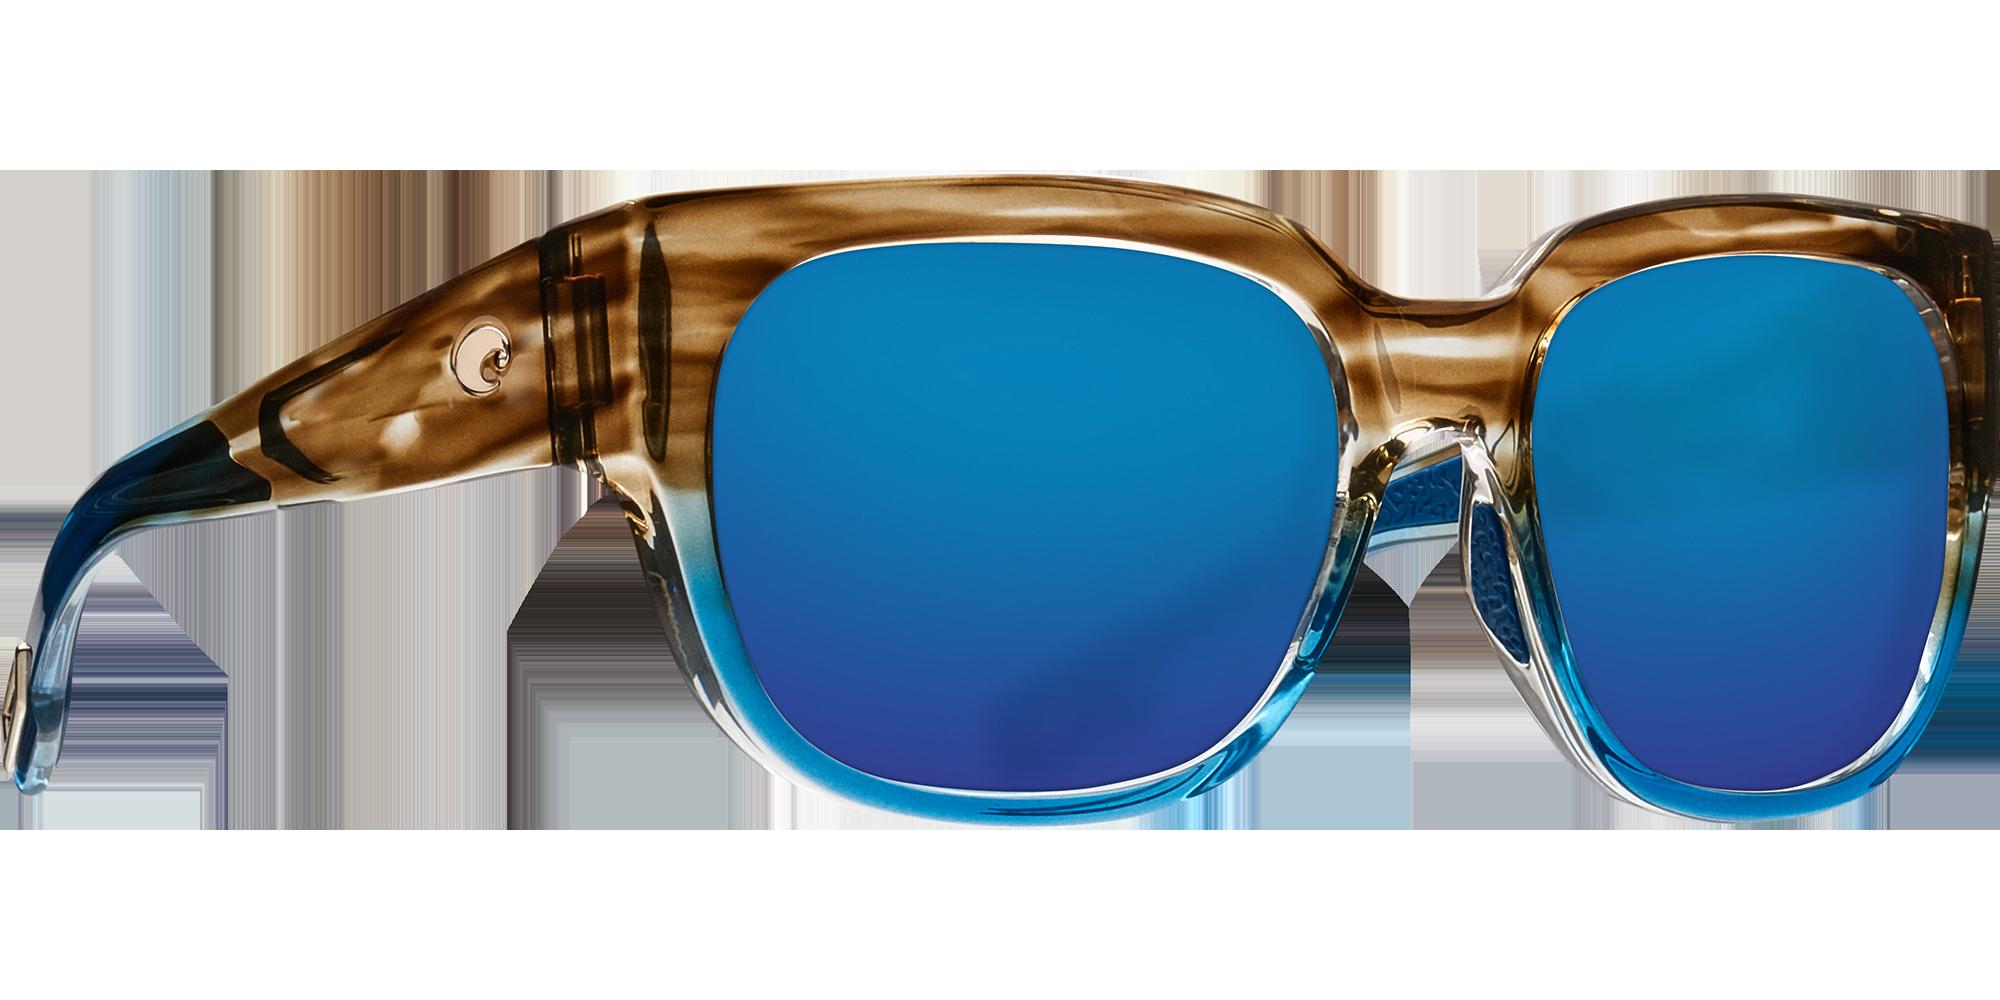 Costa waterwoman sunglasses Sunglasses, Sunglasses case